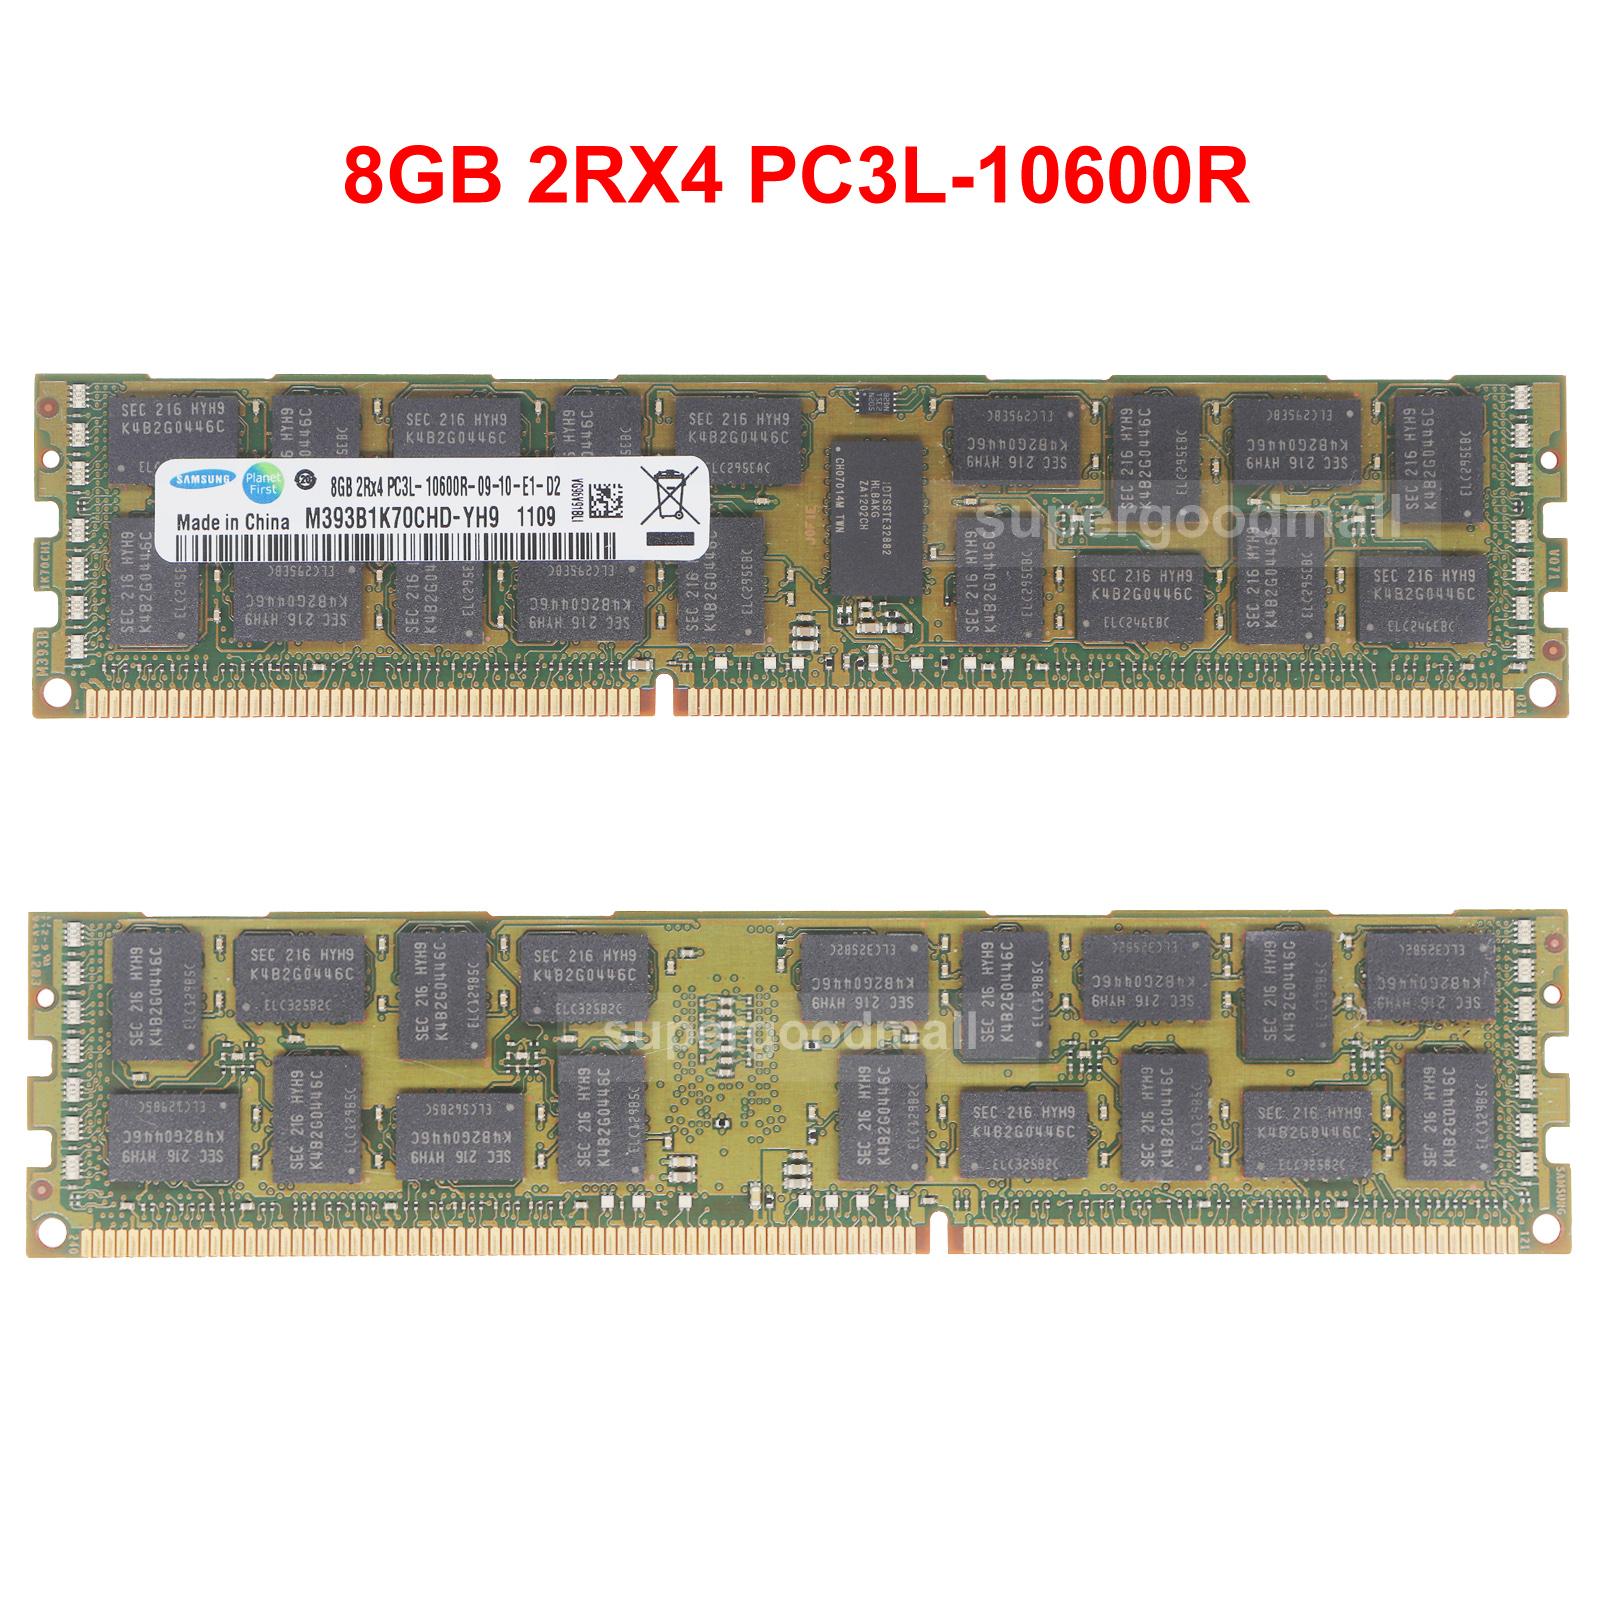 Hynix 8GB 2RX4 PC3L-10600R DDR3L-1333MHZ 240Pin ECC REG Server Memory Module